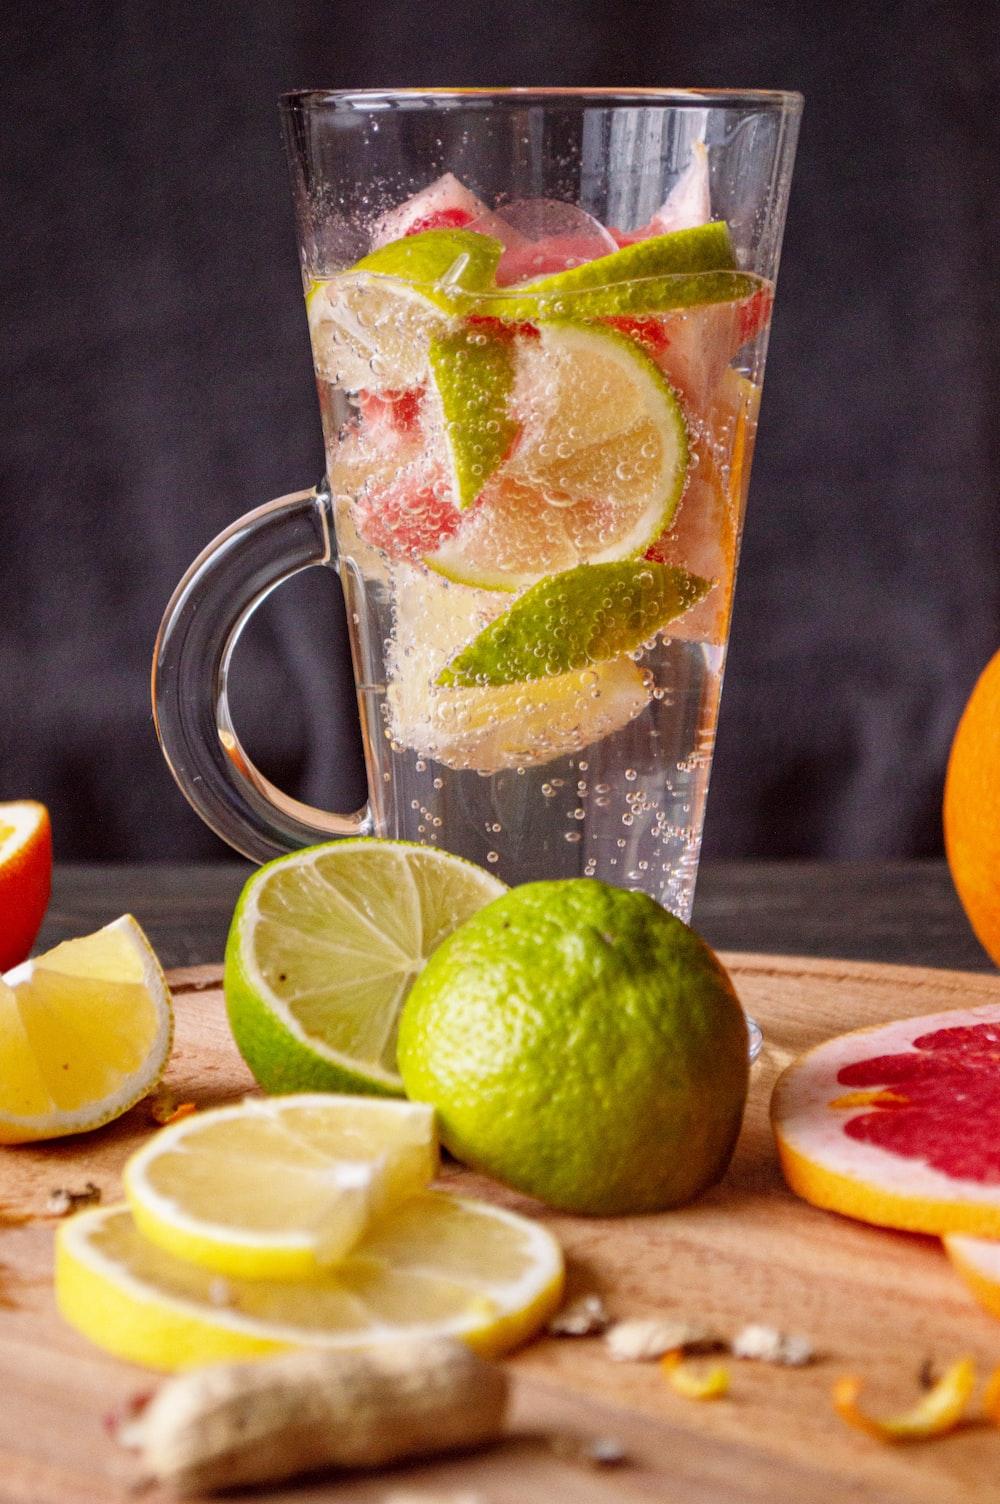 clear glass mug with lemon juice